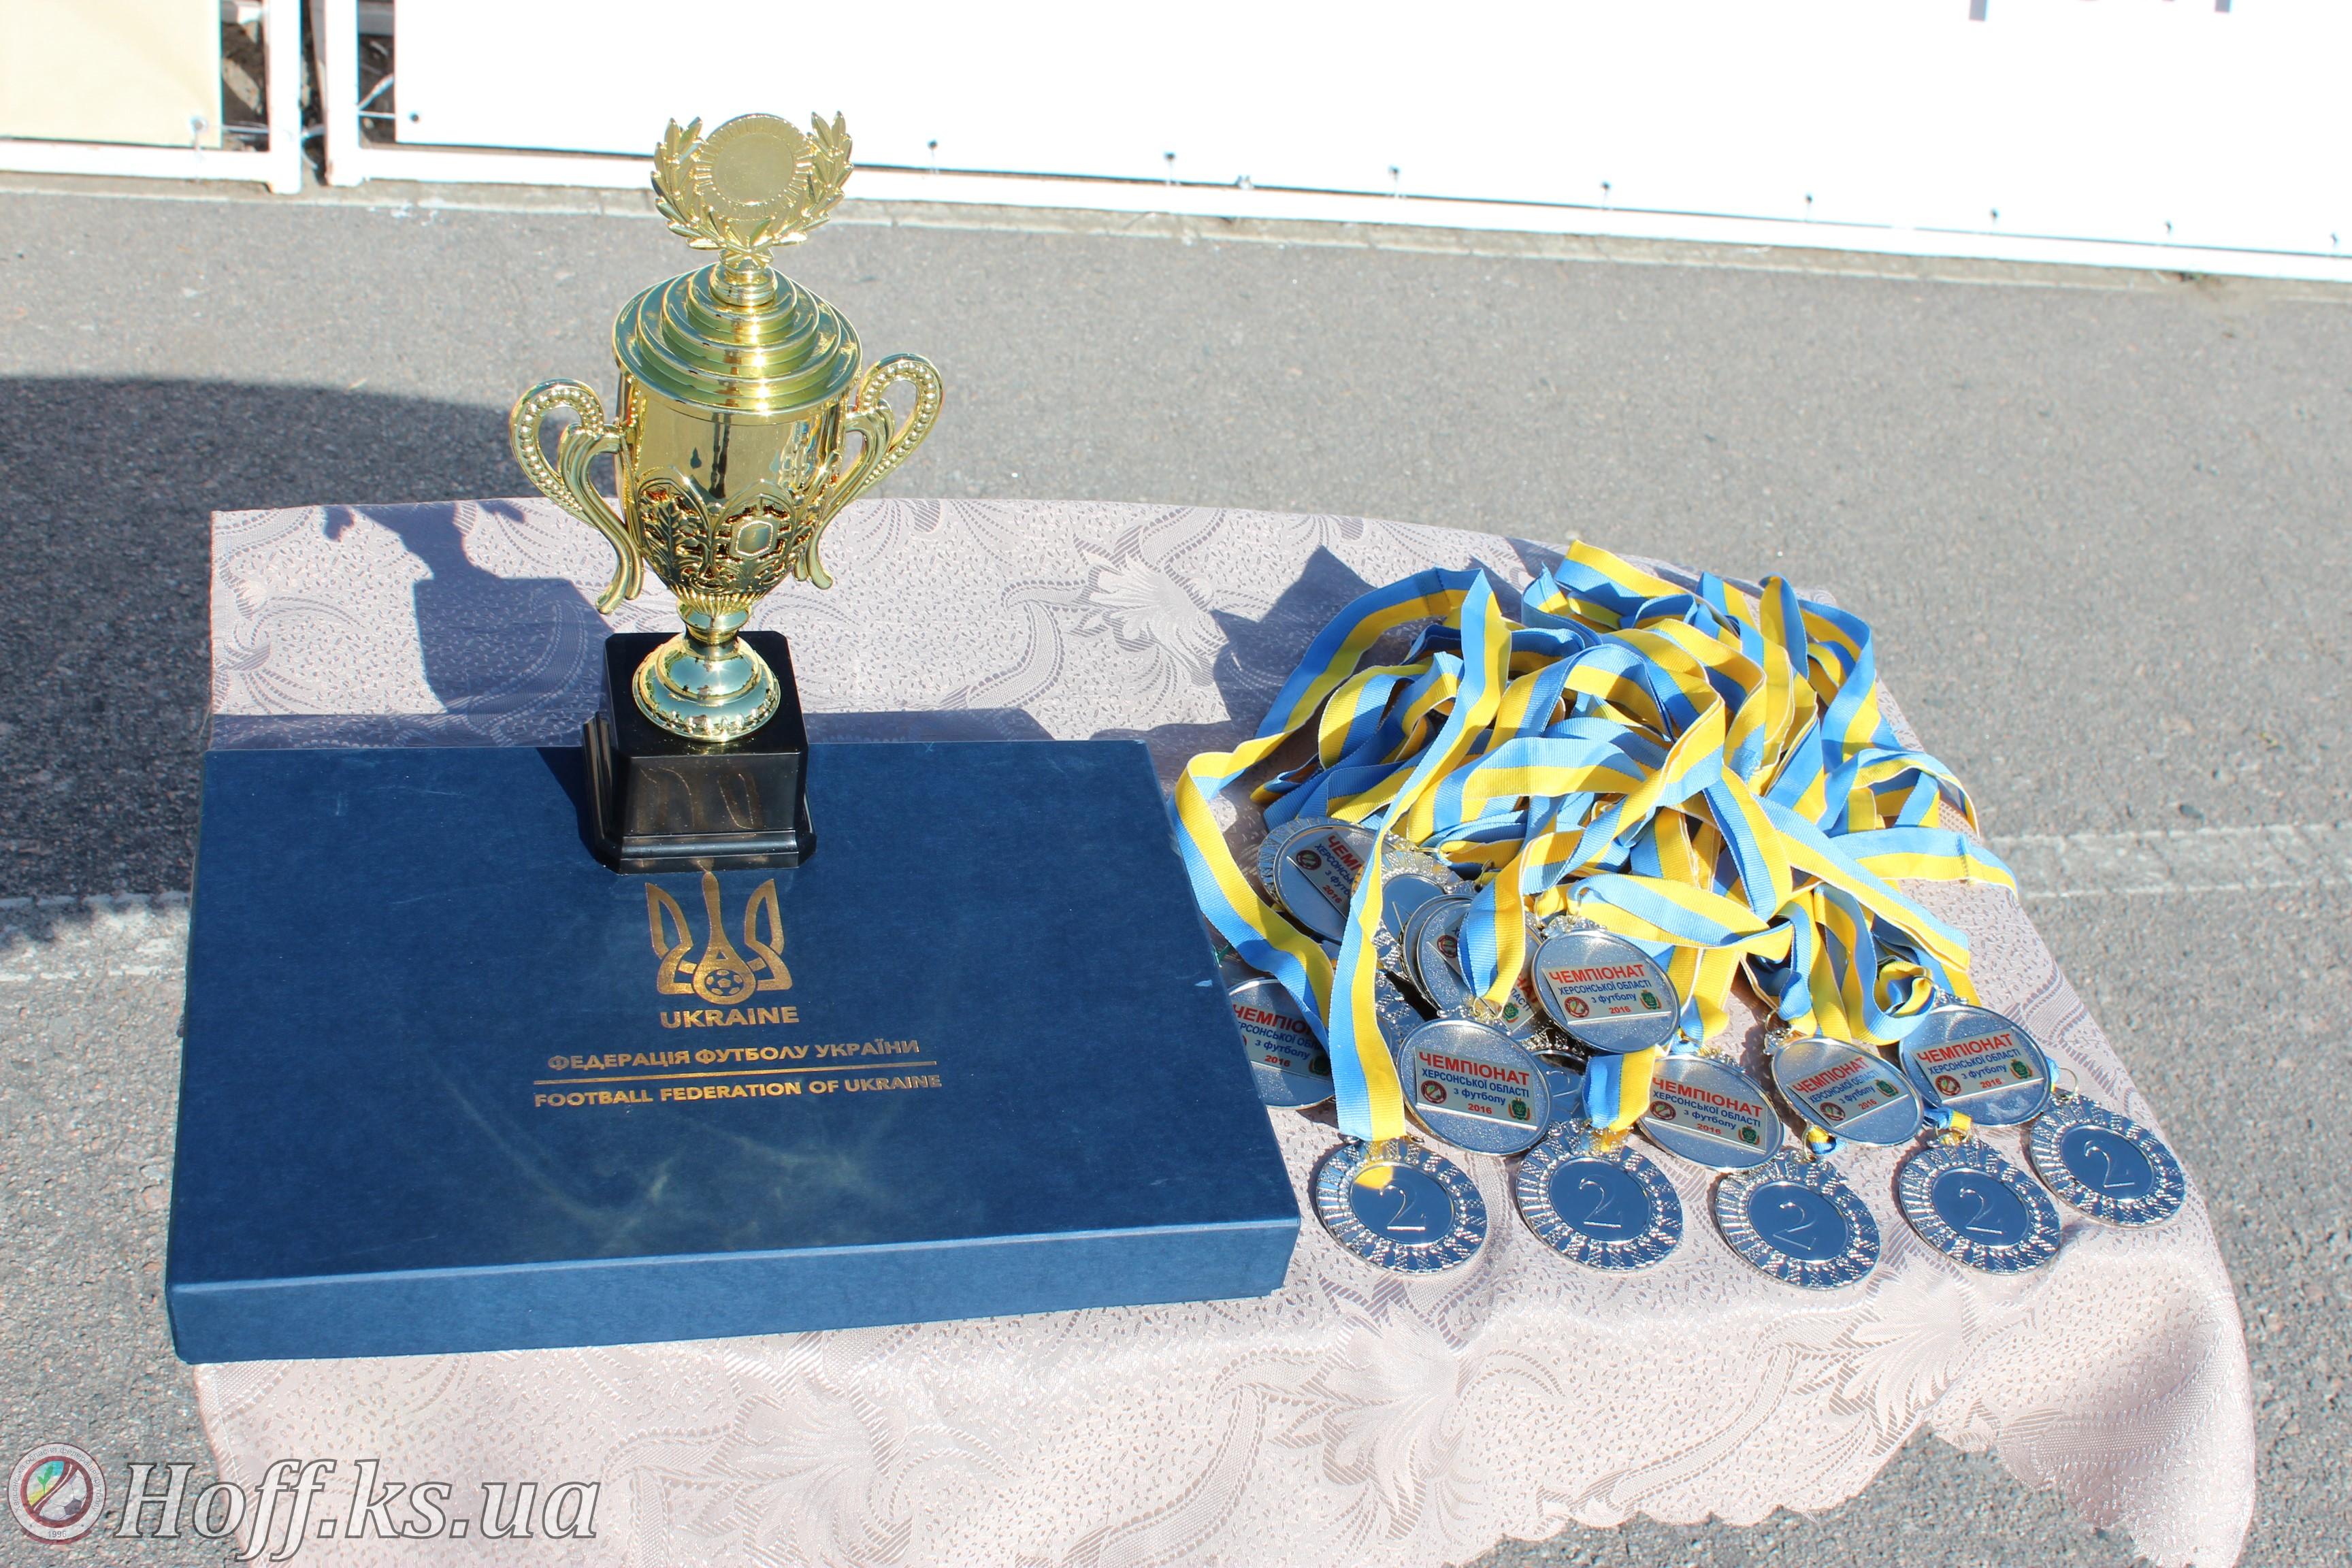 Срібний призер Чемпіонату Херсонської області 2016 року футбольний клуб «Дніпро» Каховка отримав довгоочікувану нагороду